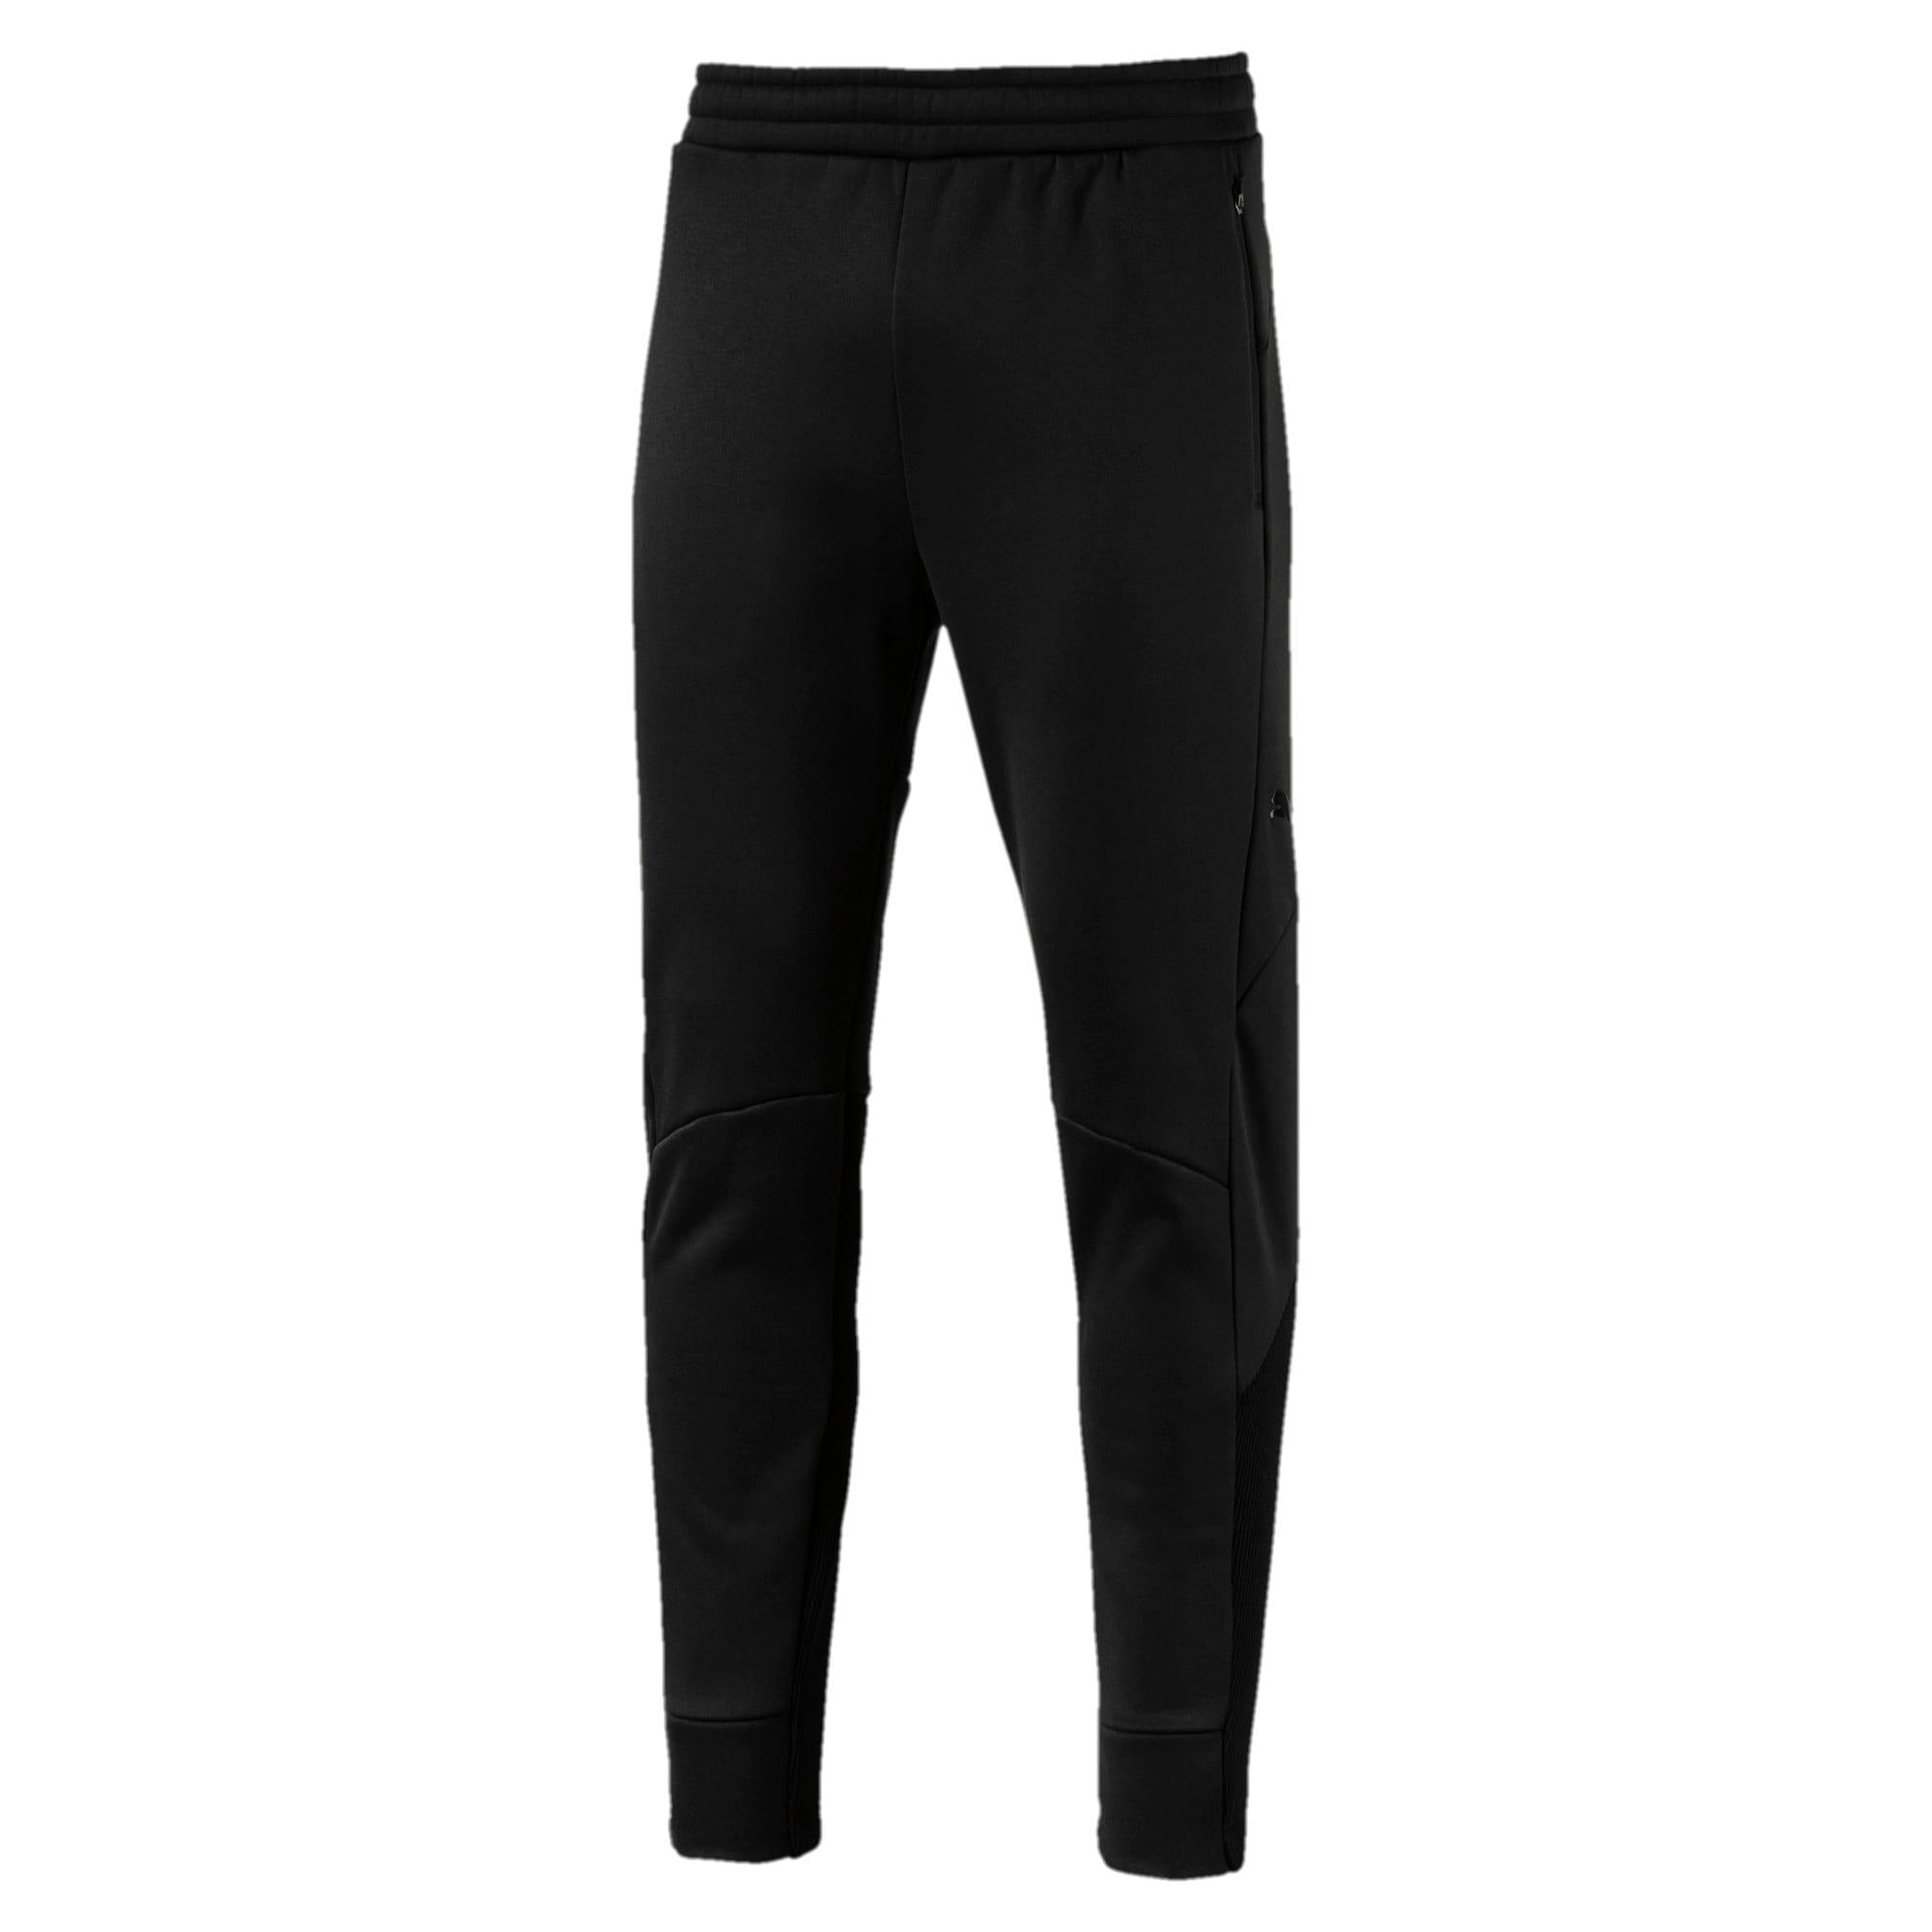 Thumbnail 1 of EVOstripe Hybrid Men's Pants, Puma Black, medium